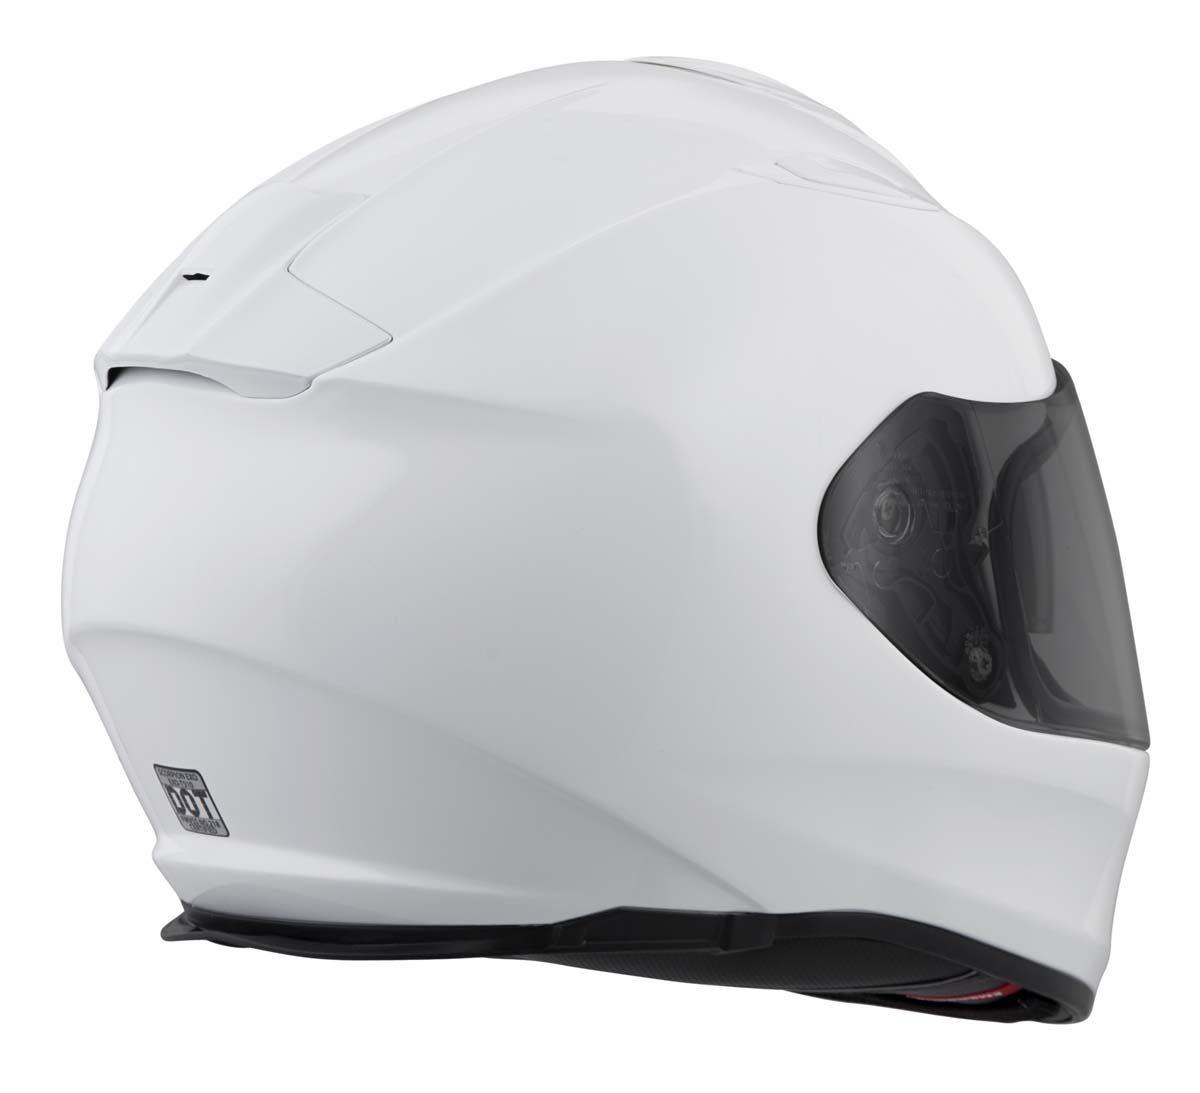 Scorpion-EXO-T510-Helmet-Full-Face-DOT-Approved-Inner-Sun-Shield miniature 14